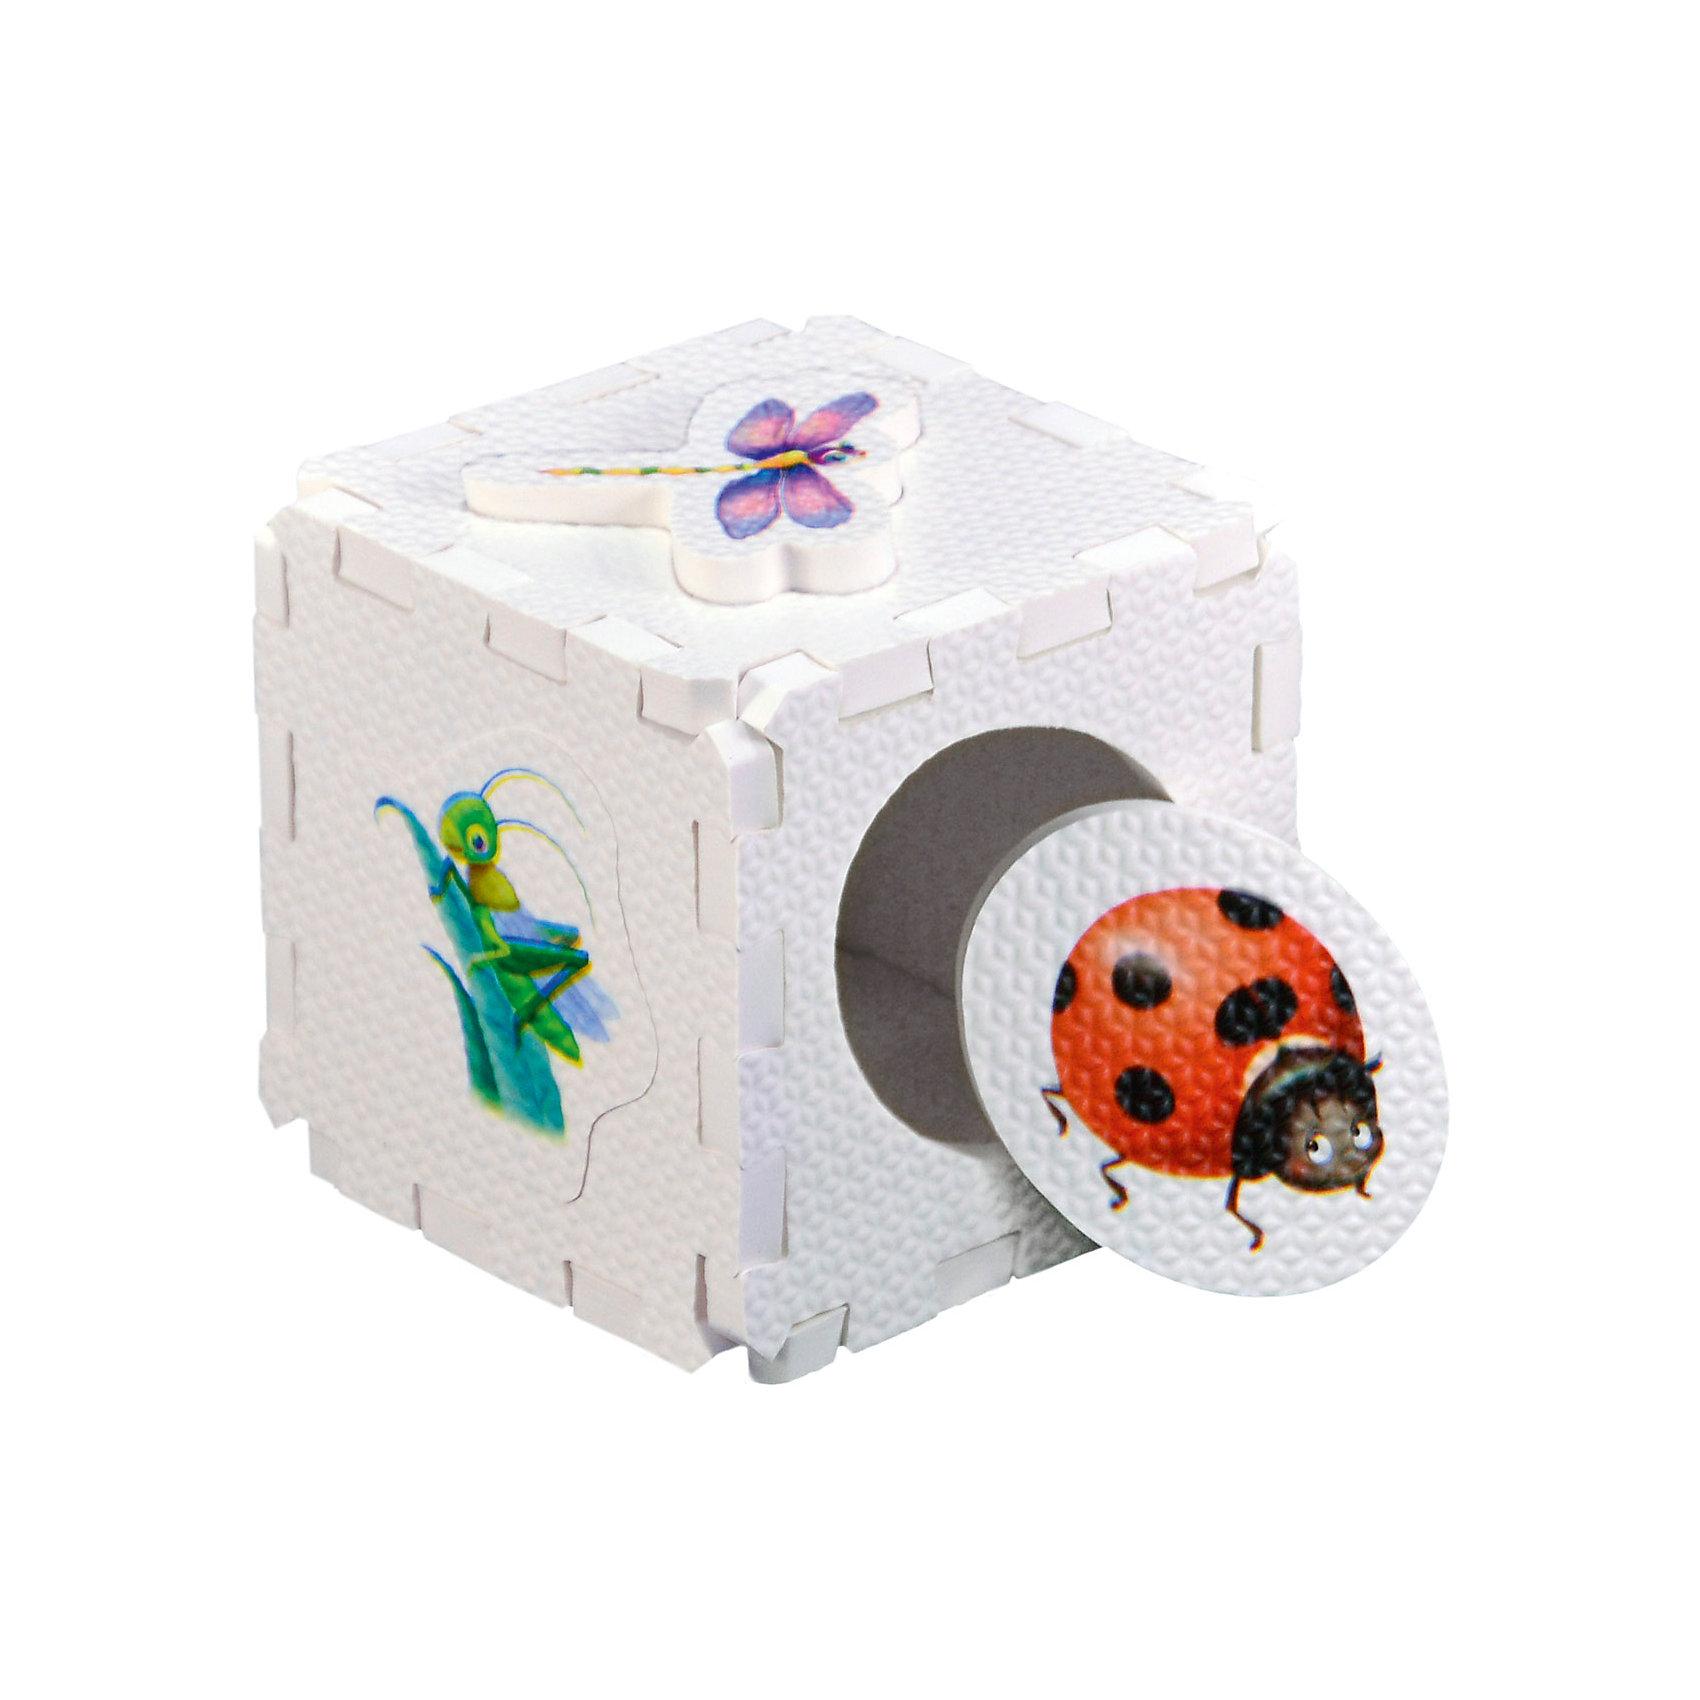 Кубик EVA - сортер НасекомыеСортеры<br>Набор состоит из 6 больших деталей-пазлов, которые можно собрать в объёмный кубик. Собирая кубик и играя с его деталями, малыши тренируют мелкую моторику, развивают мышление, память, внимание, а также получают навыки творческого конструирования.<br>Детали-пазлы сделаны из экологически чистого и гипоаллергенного материала ЭВА (EVA), который не имеет цвета, запаха и вкуса, а значит, идеально подходит для первых развивающих игрушек и игр.<br>Особенности пазлов ЭВА открывают дополнительные возможности для различных игровых сюжетов:<br>- детали-пазлы можно грызть, мять, гнуть, сжимать и мочить, и при этом они не испортятся; <br>- с набором можно играть в воде, детали плавают и легко крепятся к кафелю и стенкам ванны; <br>- уникальная технология печати картинок на пазлах передаёт все оттенки цветов, и дети быстрее учатся узнавать нарисованные на них предметы в окружающем мире; <br>- набор идеально подходит для развития детской моторики, сенсорики, навыков конструирования; <br>- детали-пазлы из разных наборов подходят к друг другу, вы легко можете комбинировать разные наборы.<br><br>Дополнительная информация:<br><br>- Материал: ЭВА.<br>- Размер: 25,5х24 см. <br>- Толщина детали-пазла: 3 см. <br>- Комплектация: 6 деталей.<br>- Детали-пазлы подходят к другим наборам. <br>- Используются стойкие гипоаллергенный красители.<br>- Подходит для игр в воде. <br><br>Кубик EVA - сортер Насекомые можно купить в нашем магазине.<br><br>Ширина мм: 255<br>Глубина мм: 240<br>Высота мм: 10<br>Вес г: 72<br>Возраст от месяцев: 6<br>Возраст до месяцев: 36<br>Пол: Унисекс<br>Возраст: Детский<br>SKU: 4545584